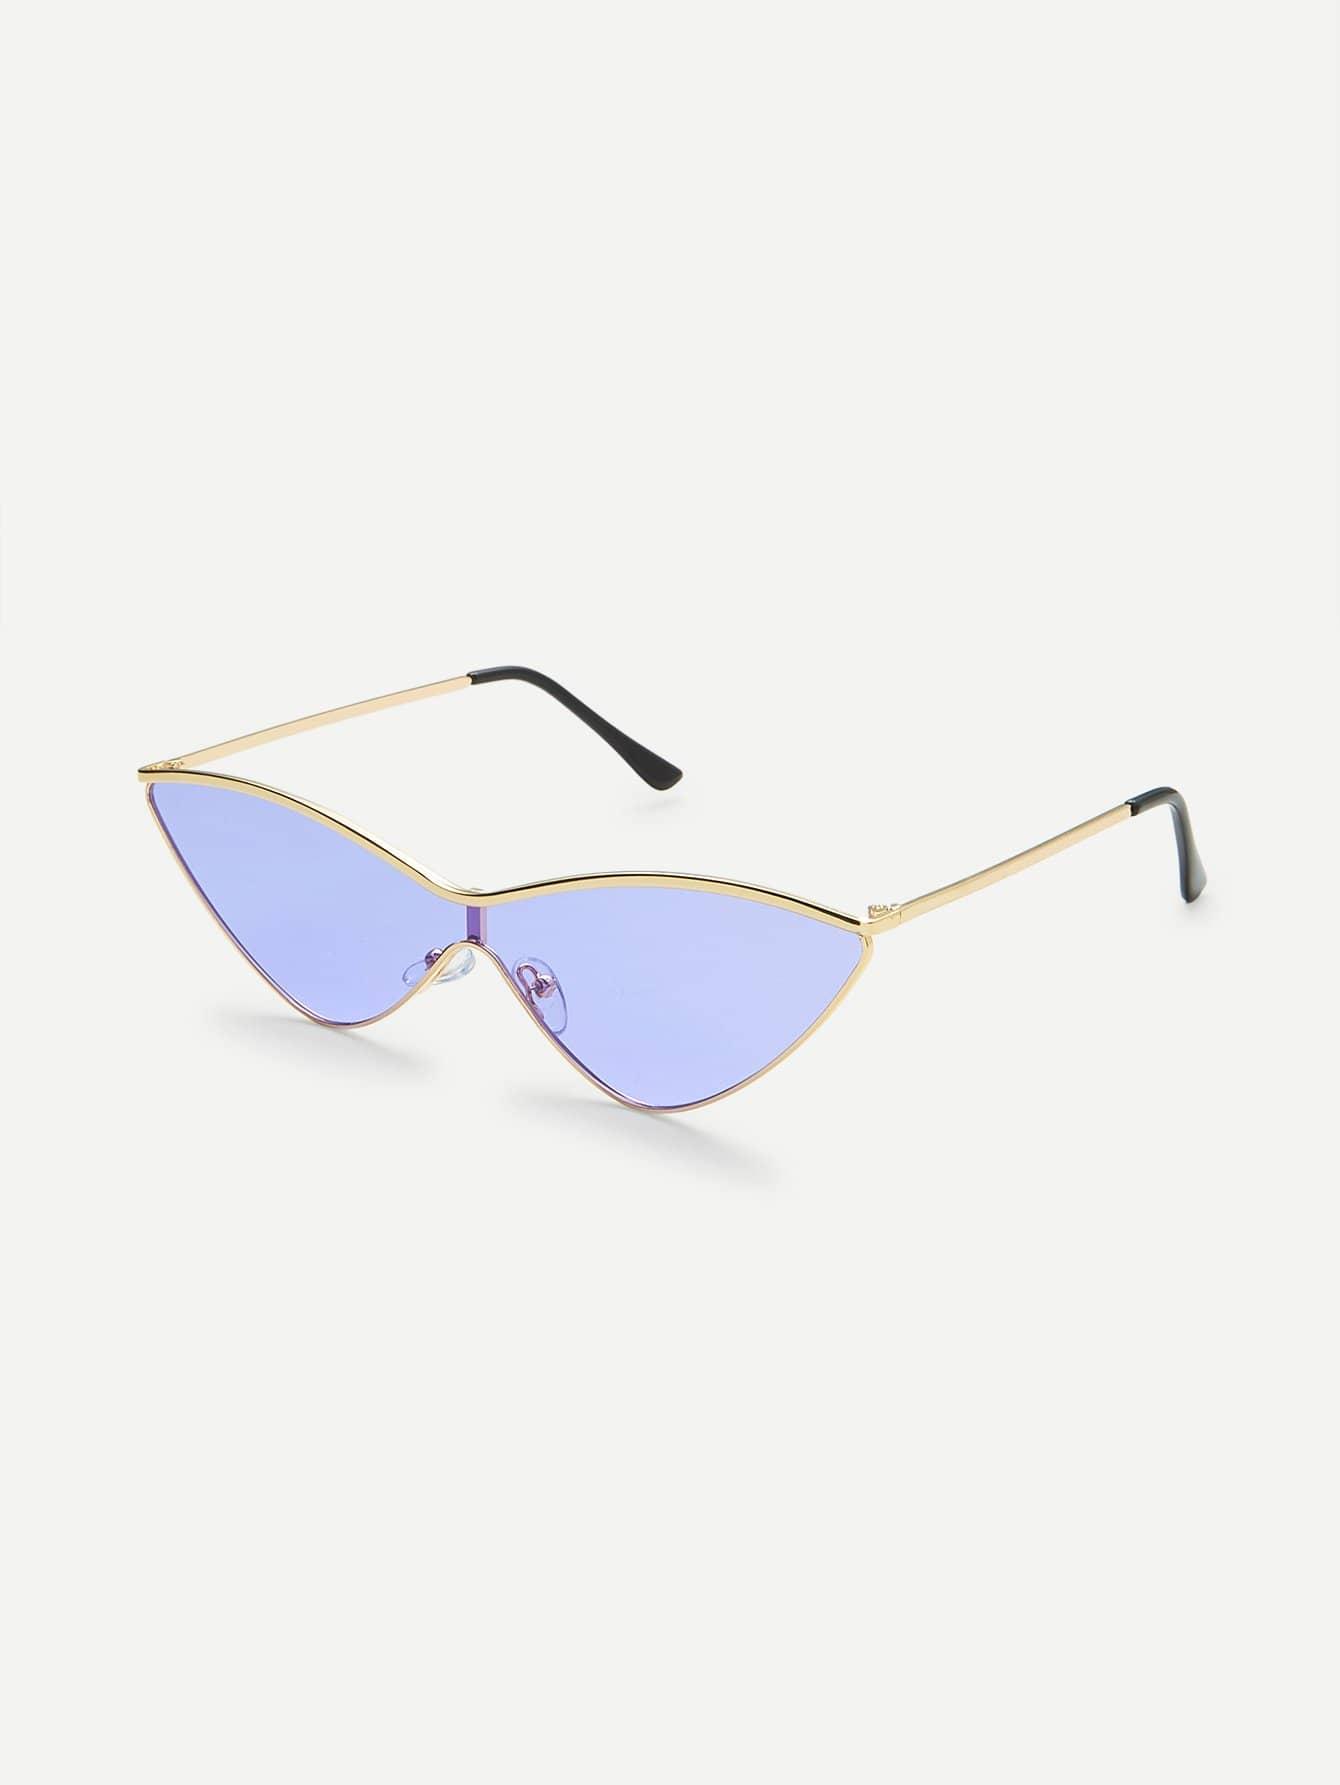 Sonnenbrille mit Metall Rahmen und Katzeaugen - German romwe